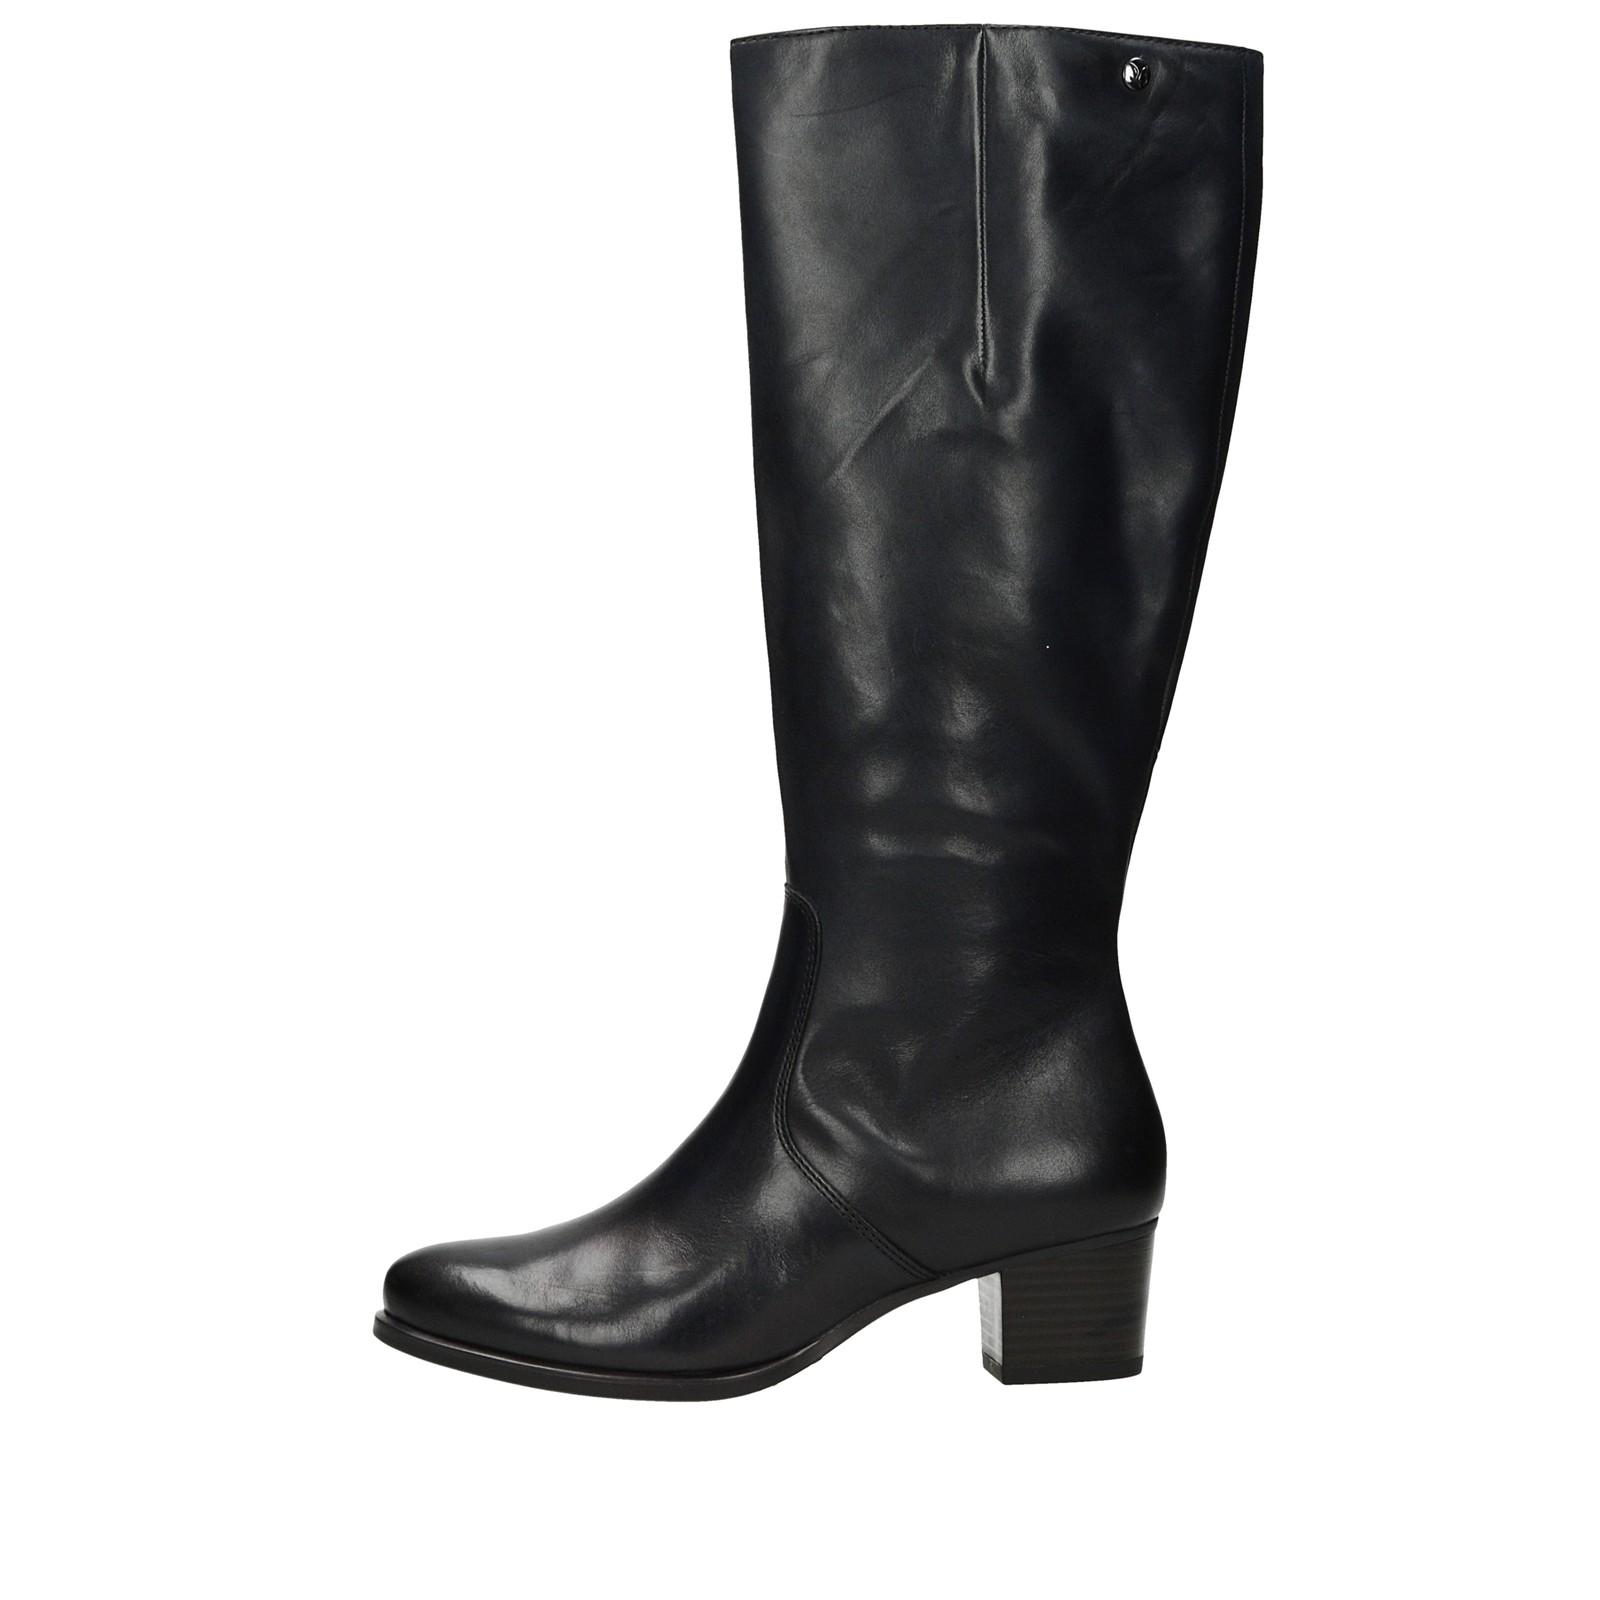 b9cf4c2d88 ... Caprice dámske kožené vysoké čižmy - čierne ...